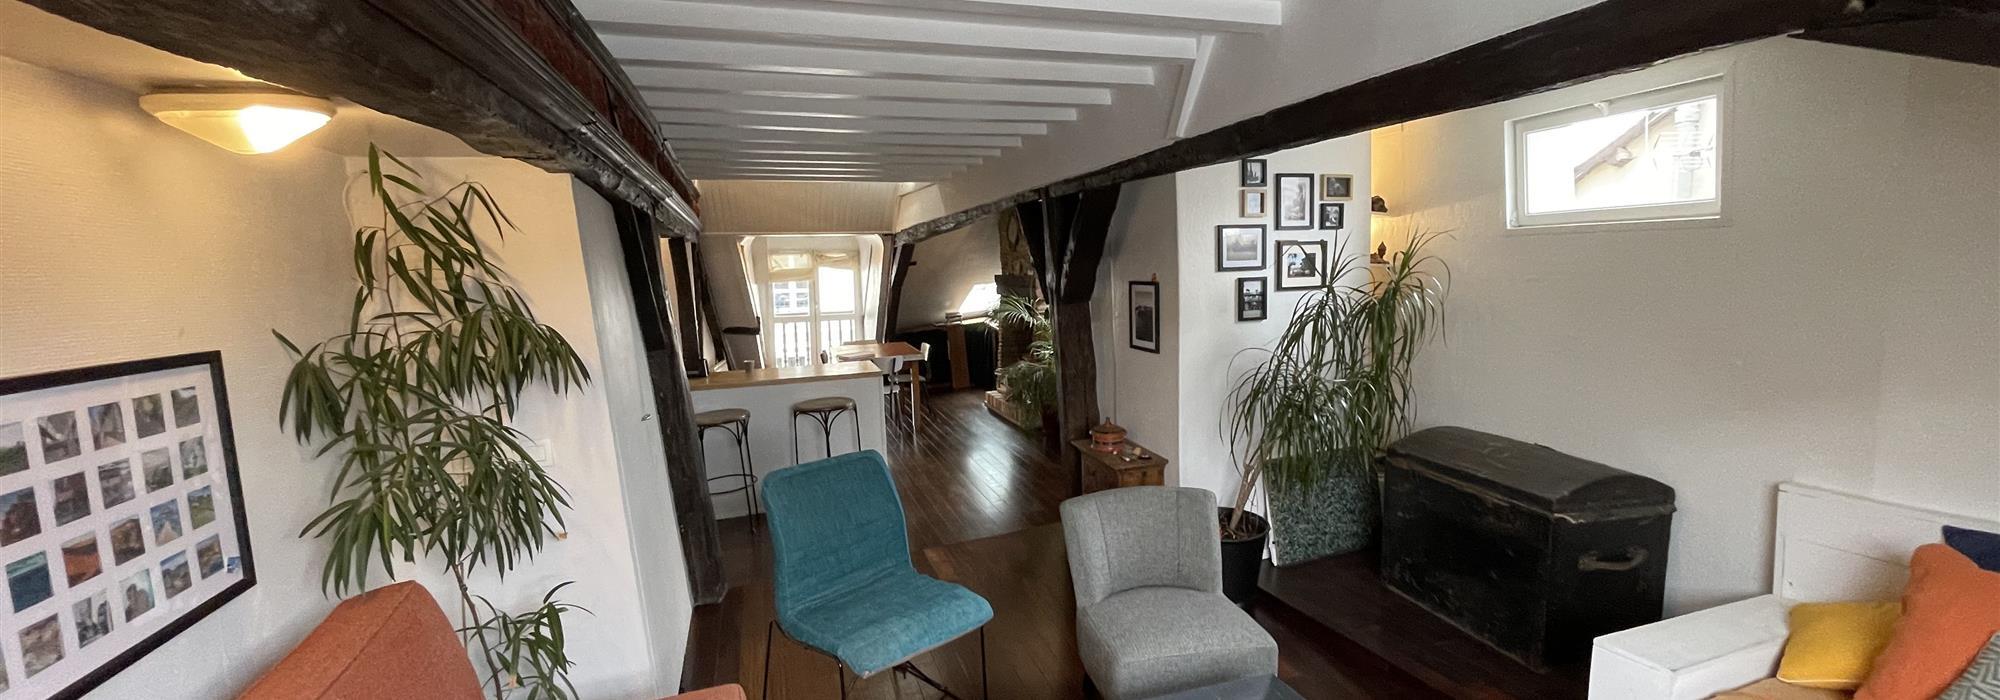 Appartement T3 Rennes Centre-ville